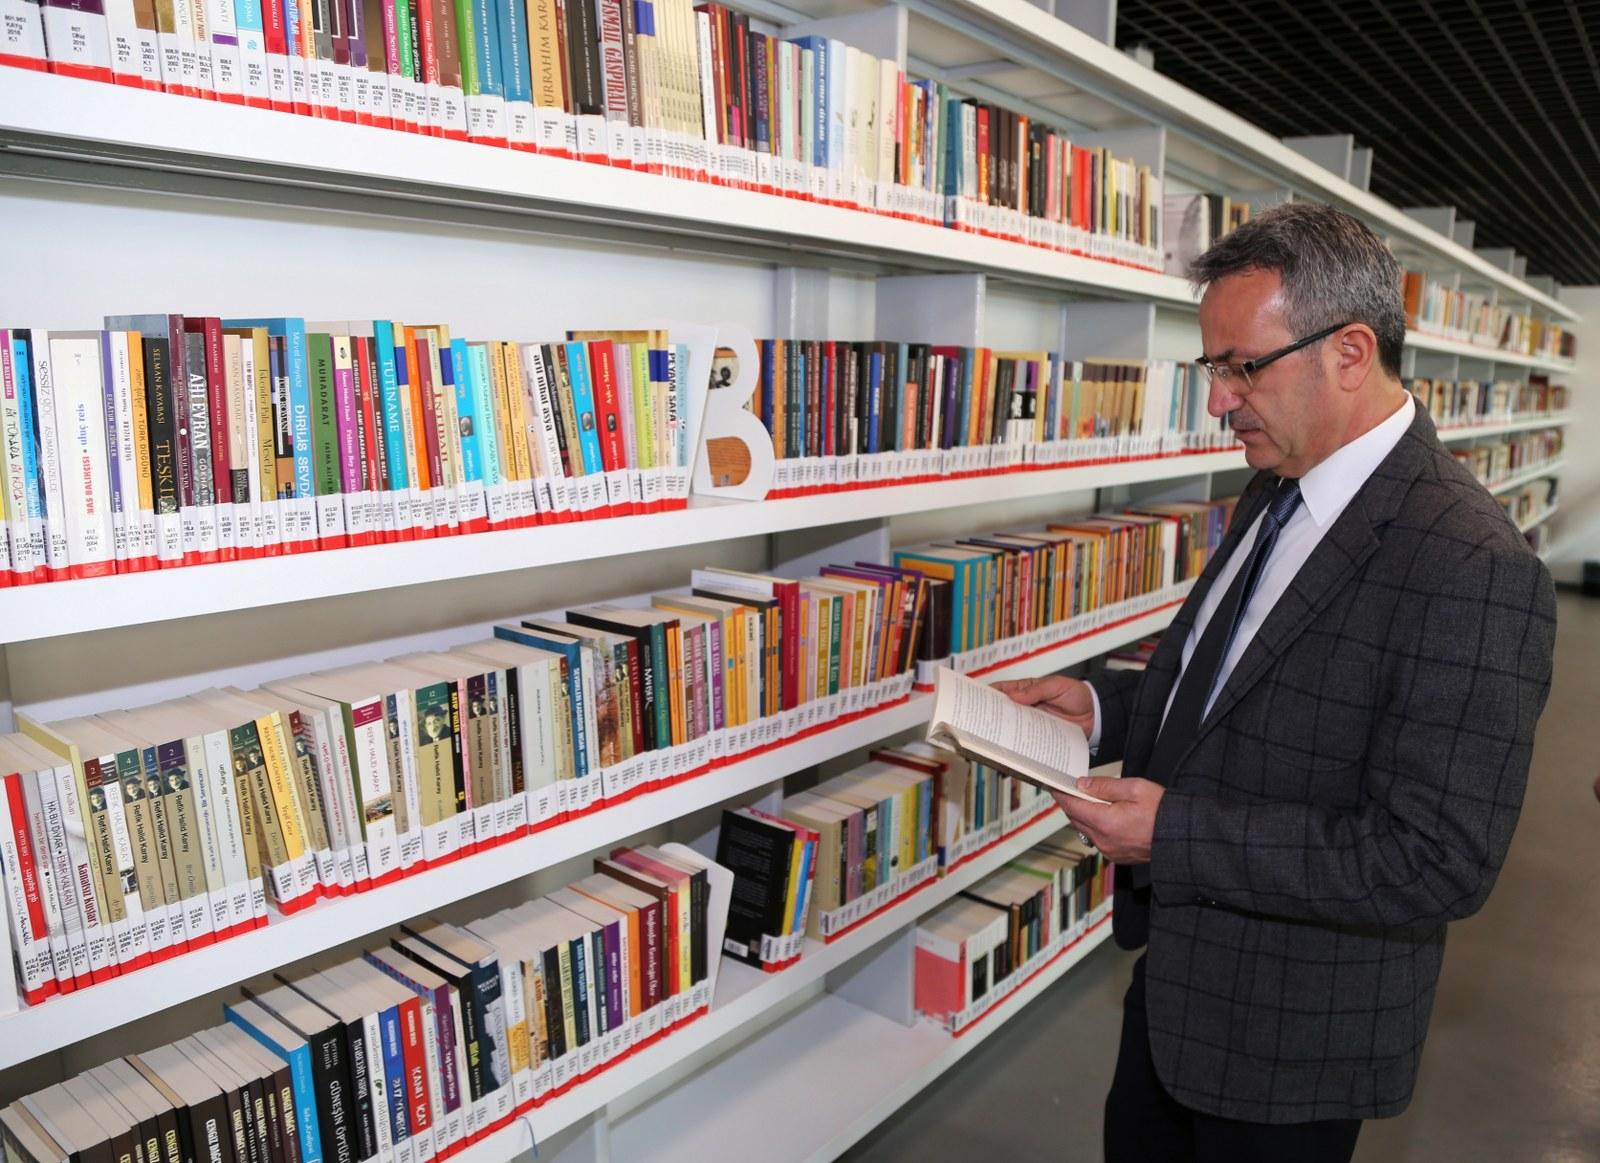 4 bin kitap okuyucularını bekliyor